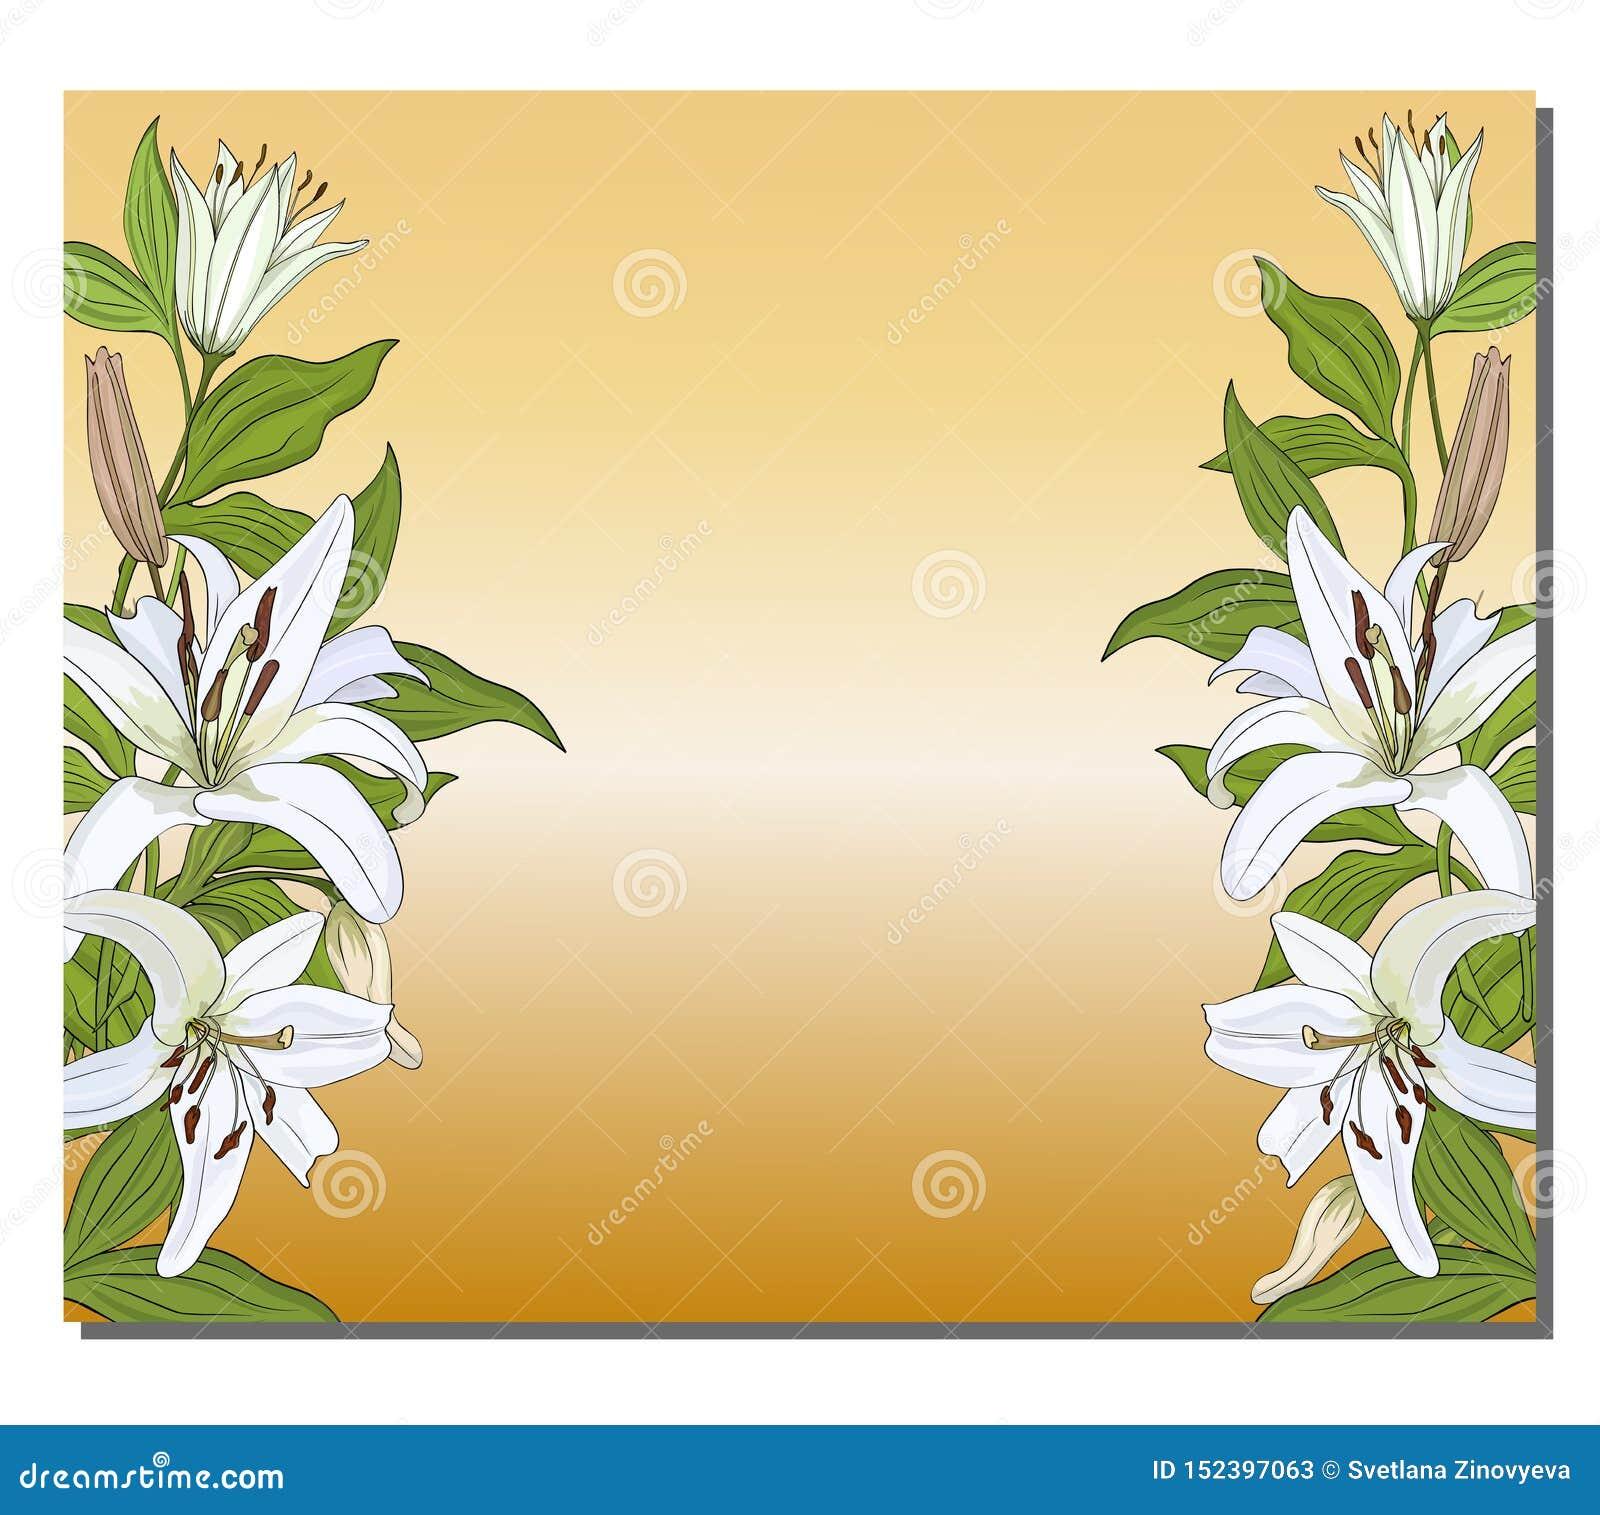 Fahne mit einer vertikalen Grenze von weißen Lilien auf einem Goldhintergrund Vektor